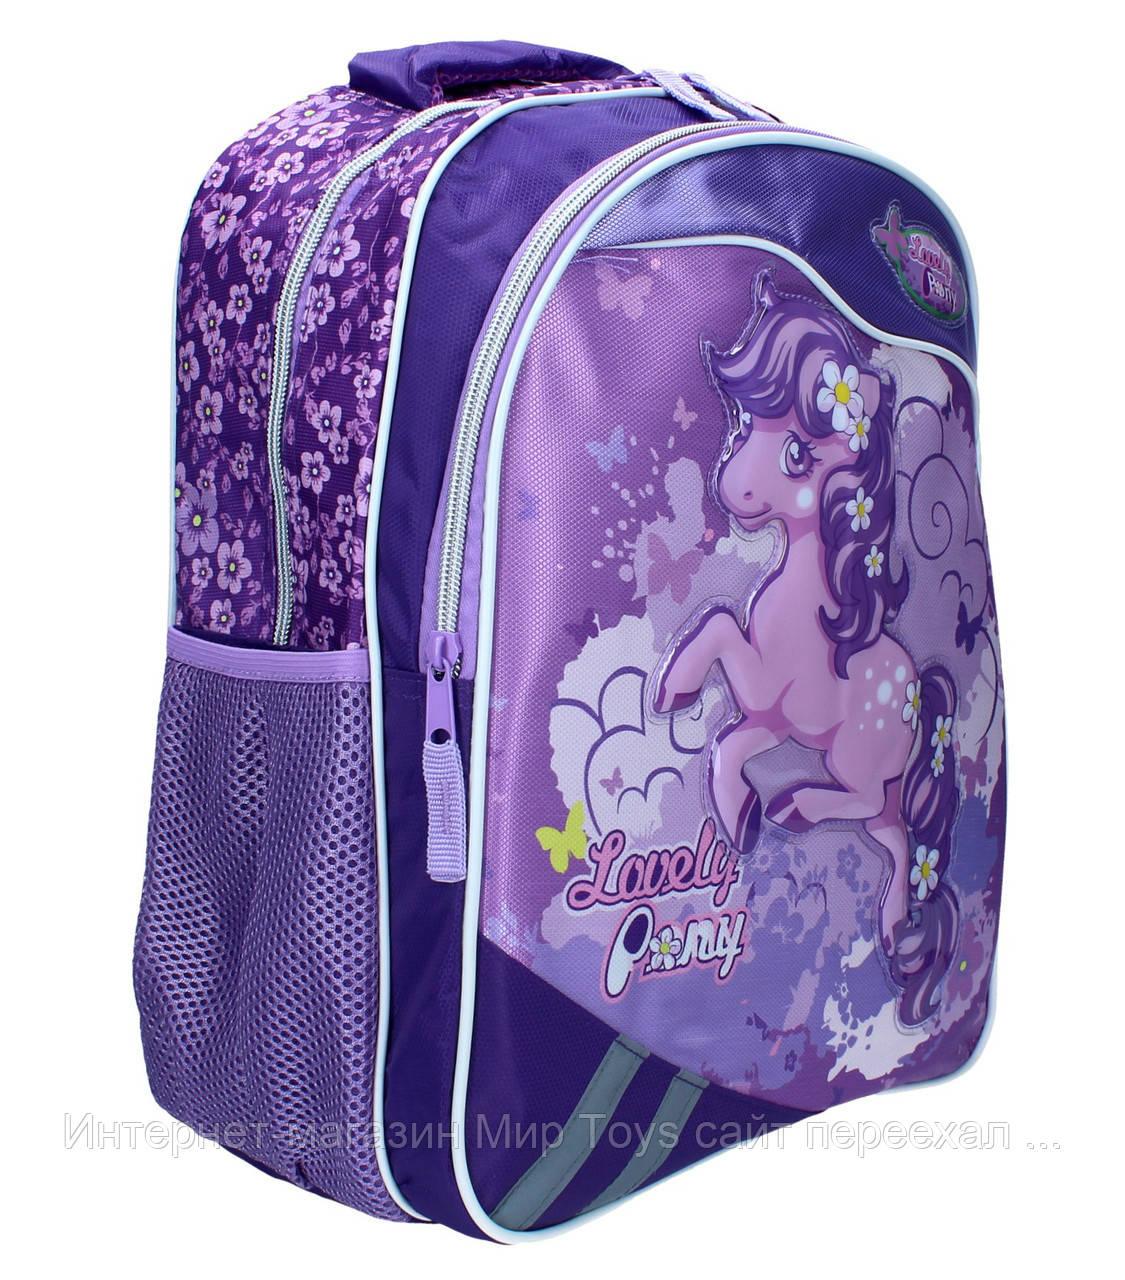 00fe28a882b6 Ранец-рюкзак RAINBOW Мягкий 2 Отделения 7-521 — в Категории